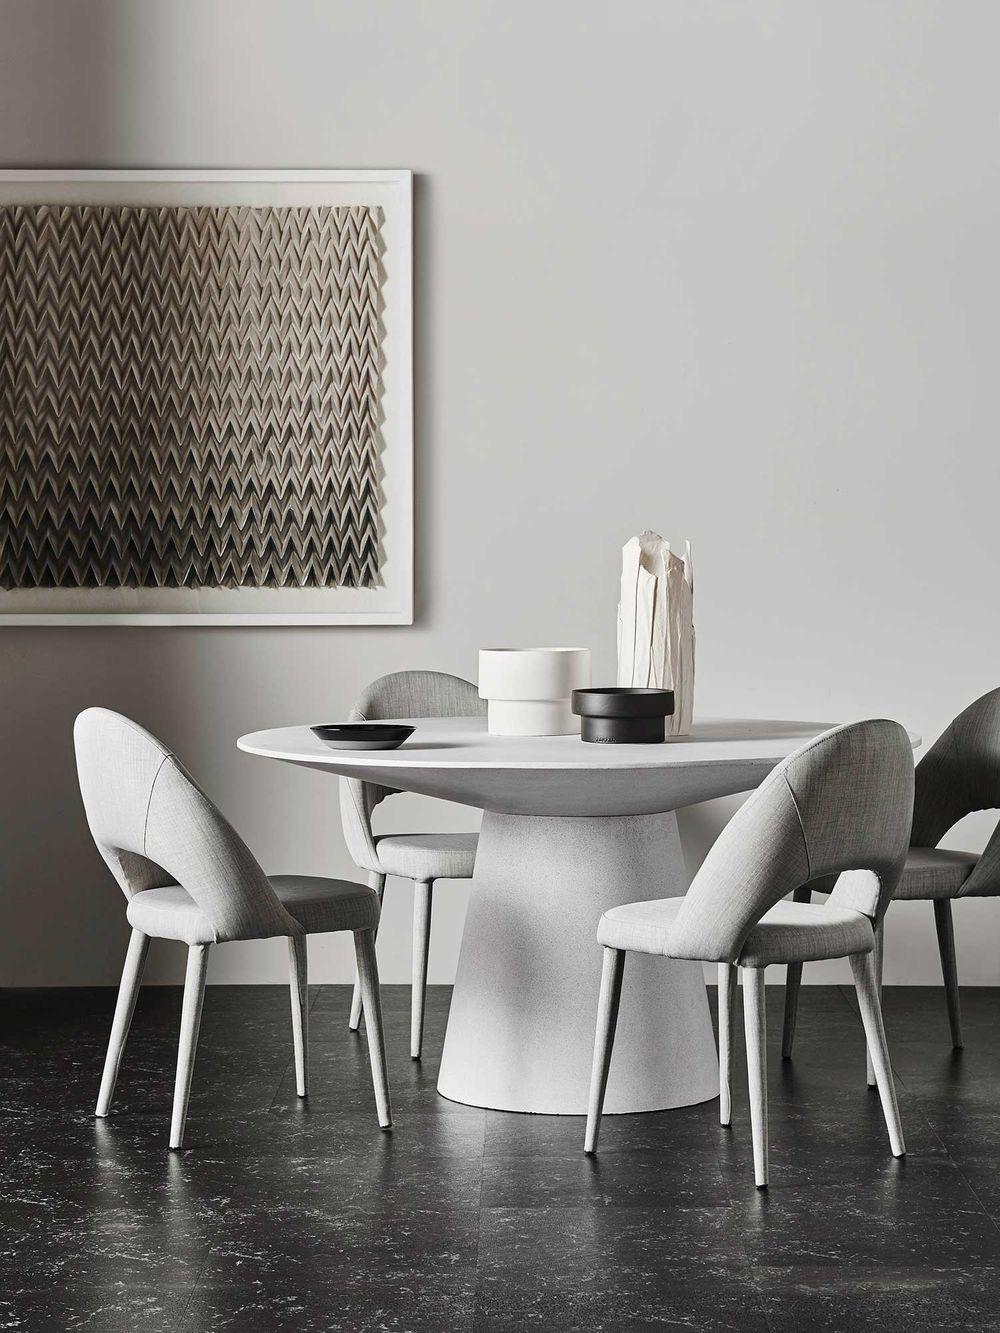 apartment-furniture-ideas